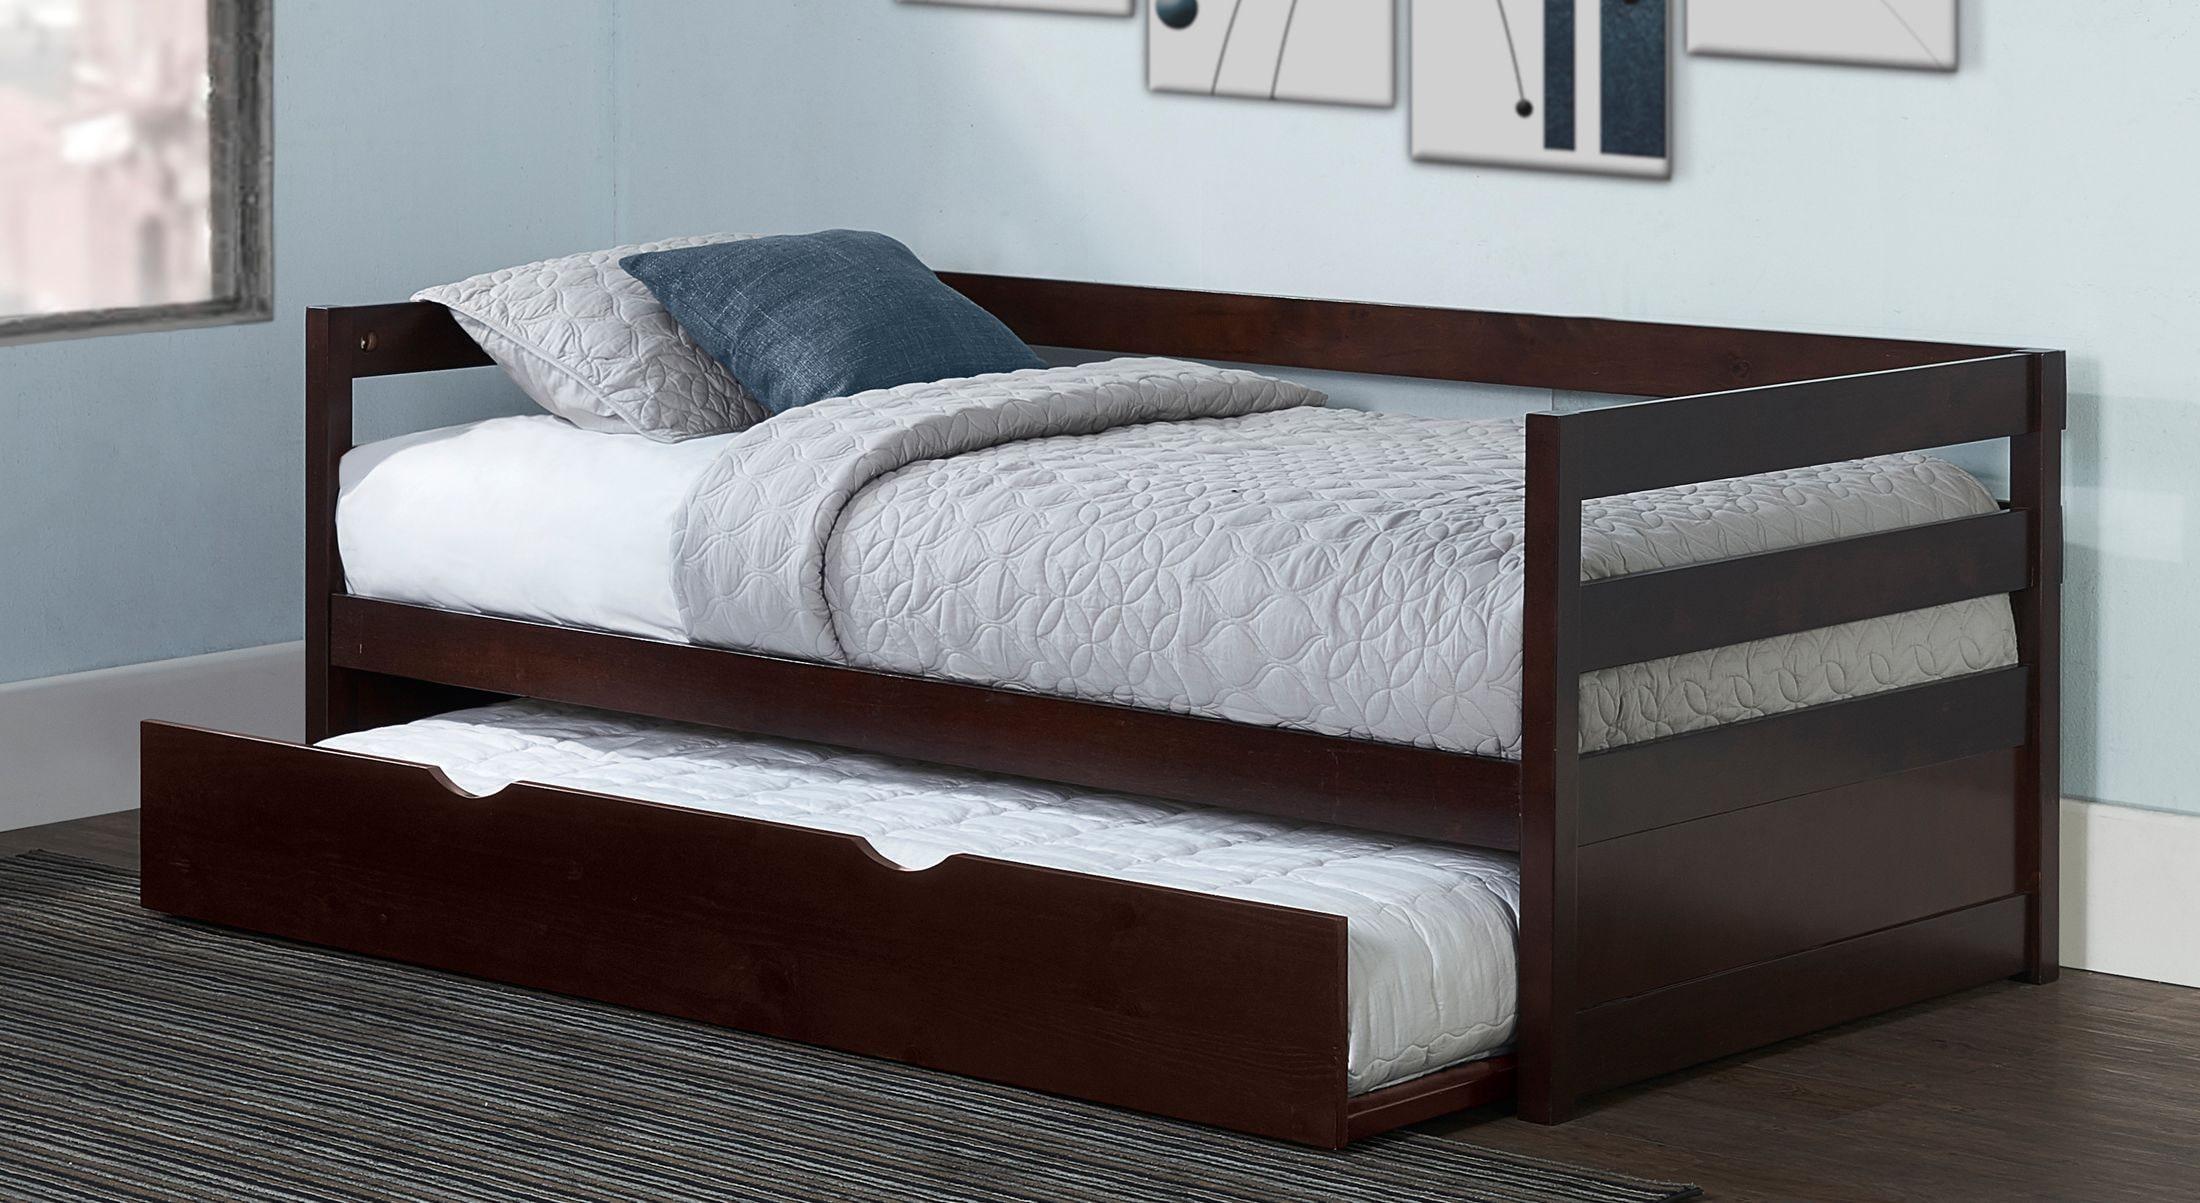 Kids Furniture - Hudson Trundle Daybed